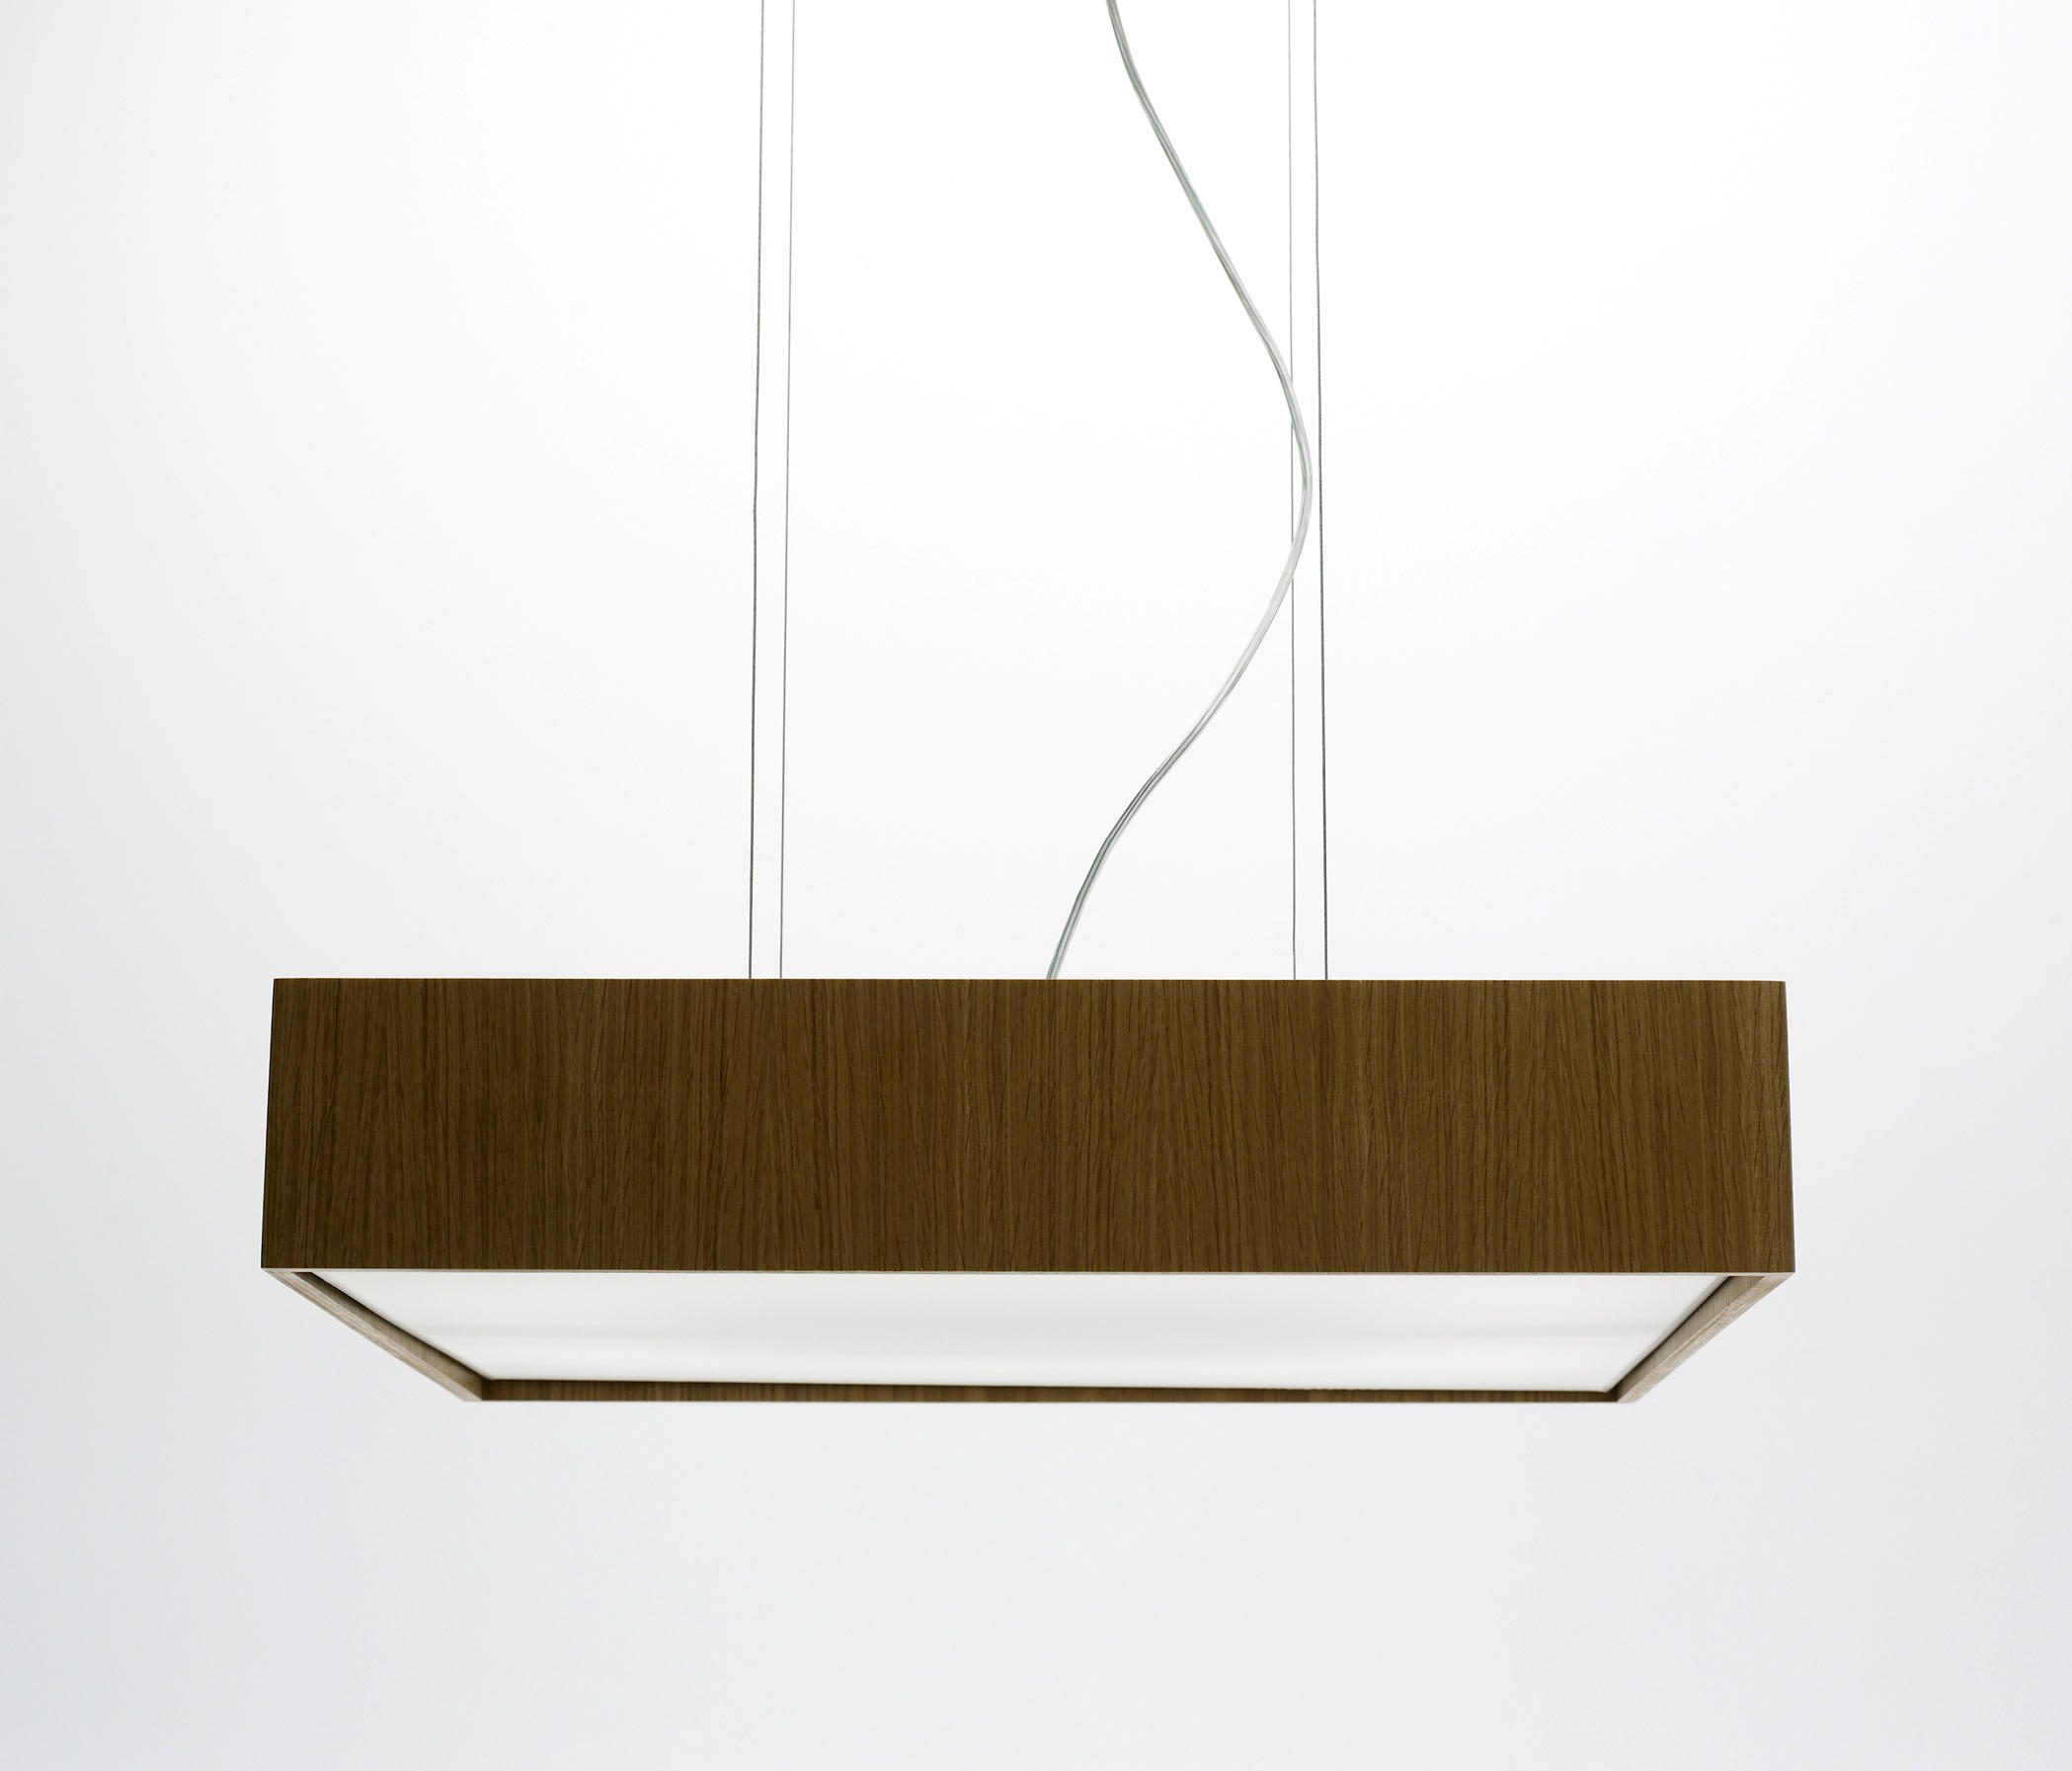 Quadrat S60x60 Lámpara Colgante LED 4x12,4W - Madera wengue